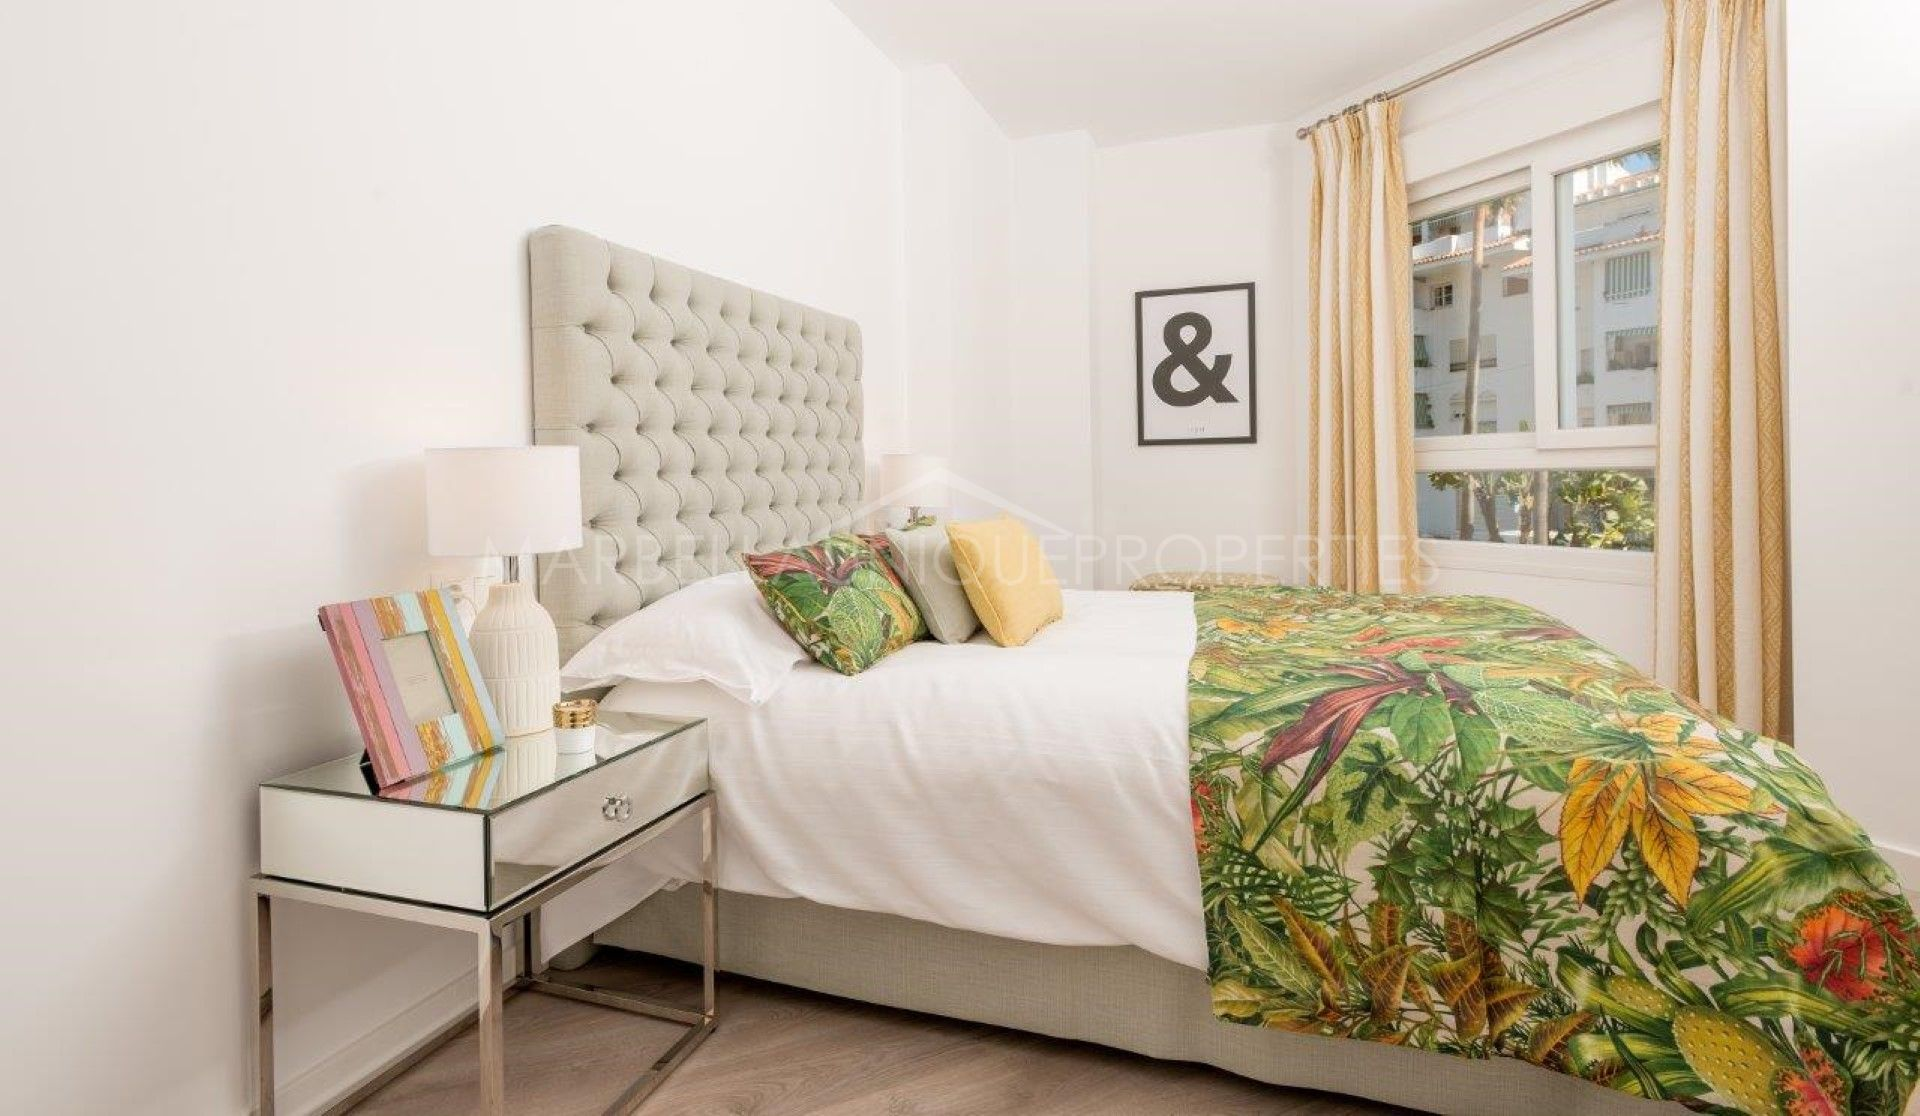 Brand New 2 Bedroom Apartment In La Campana Nueva Andalucia